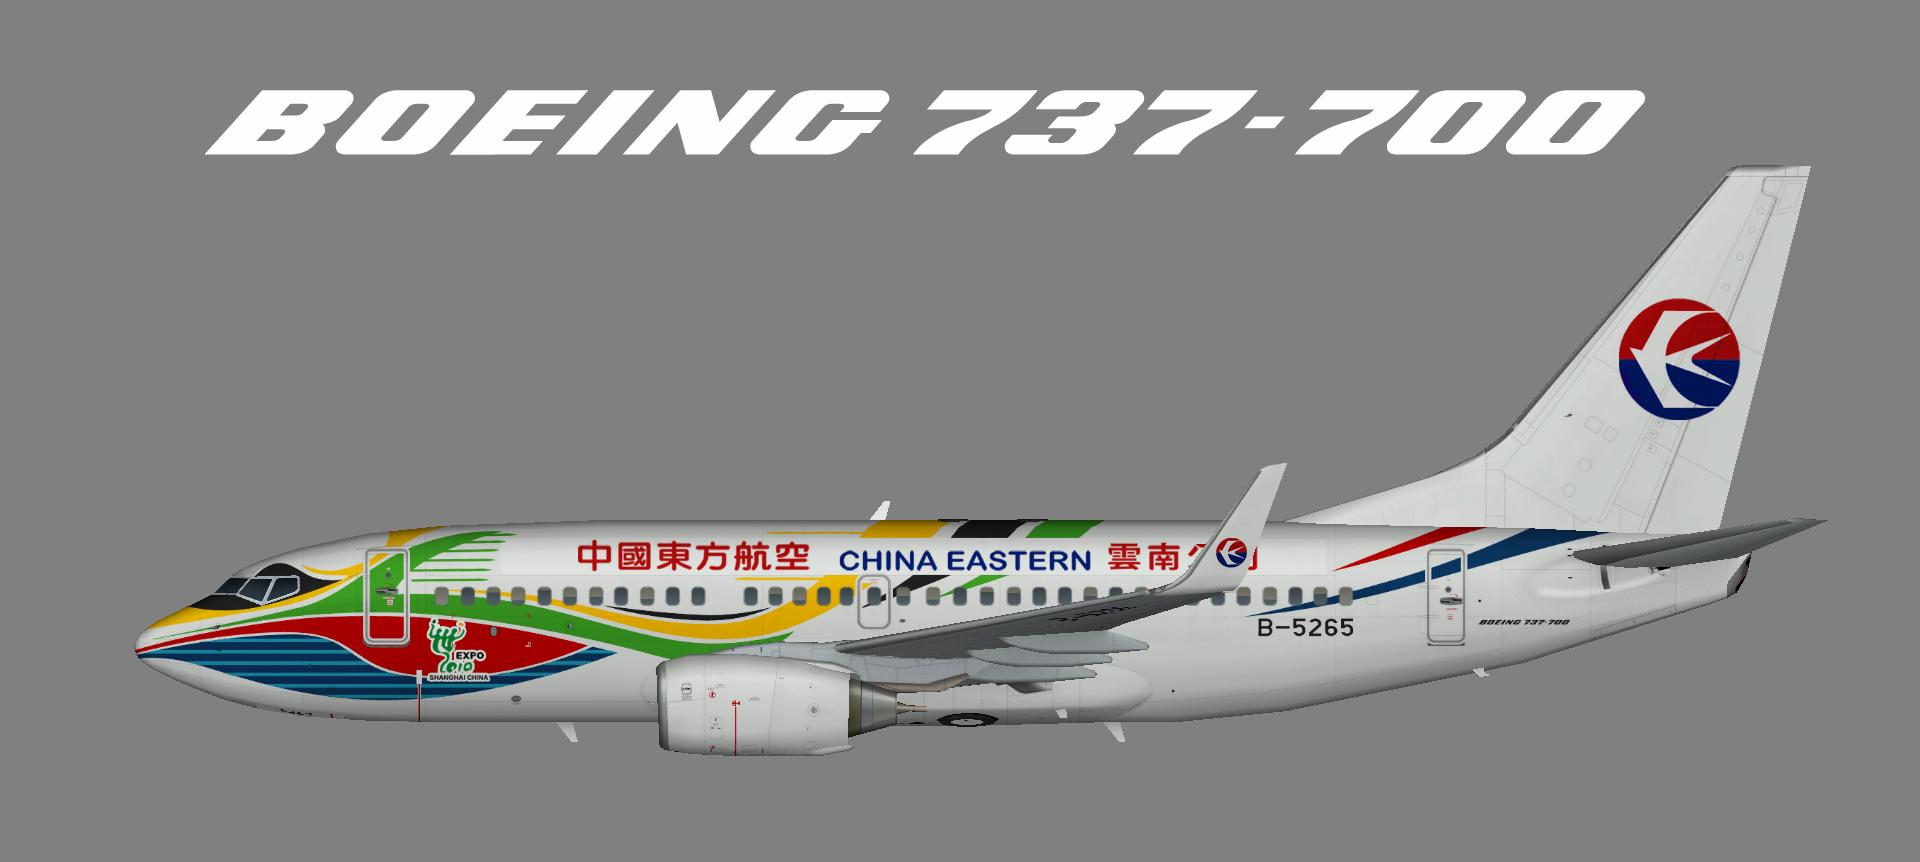 China Eastern 737-700 B-5265